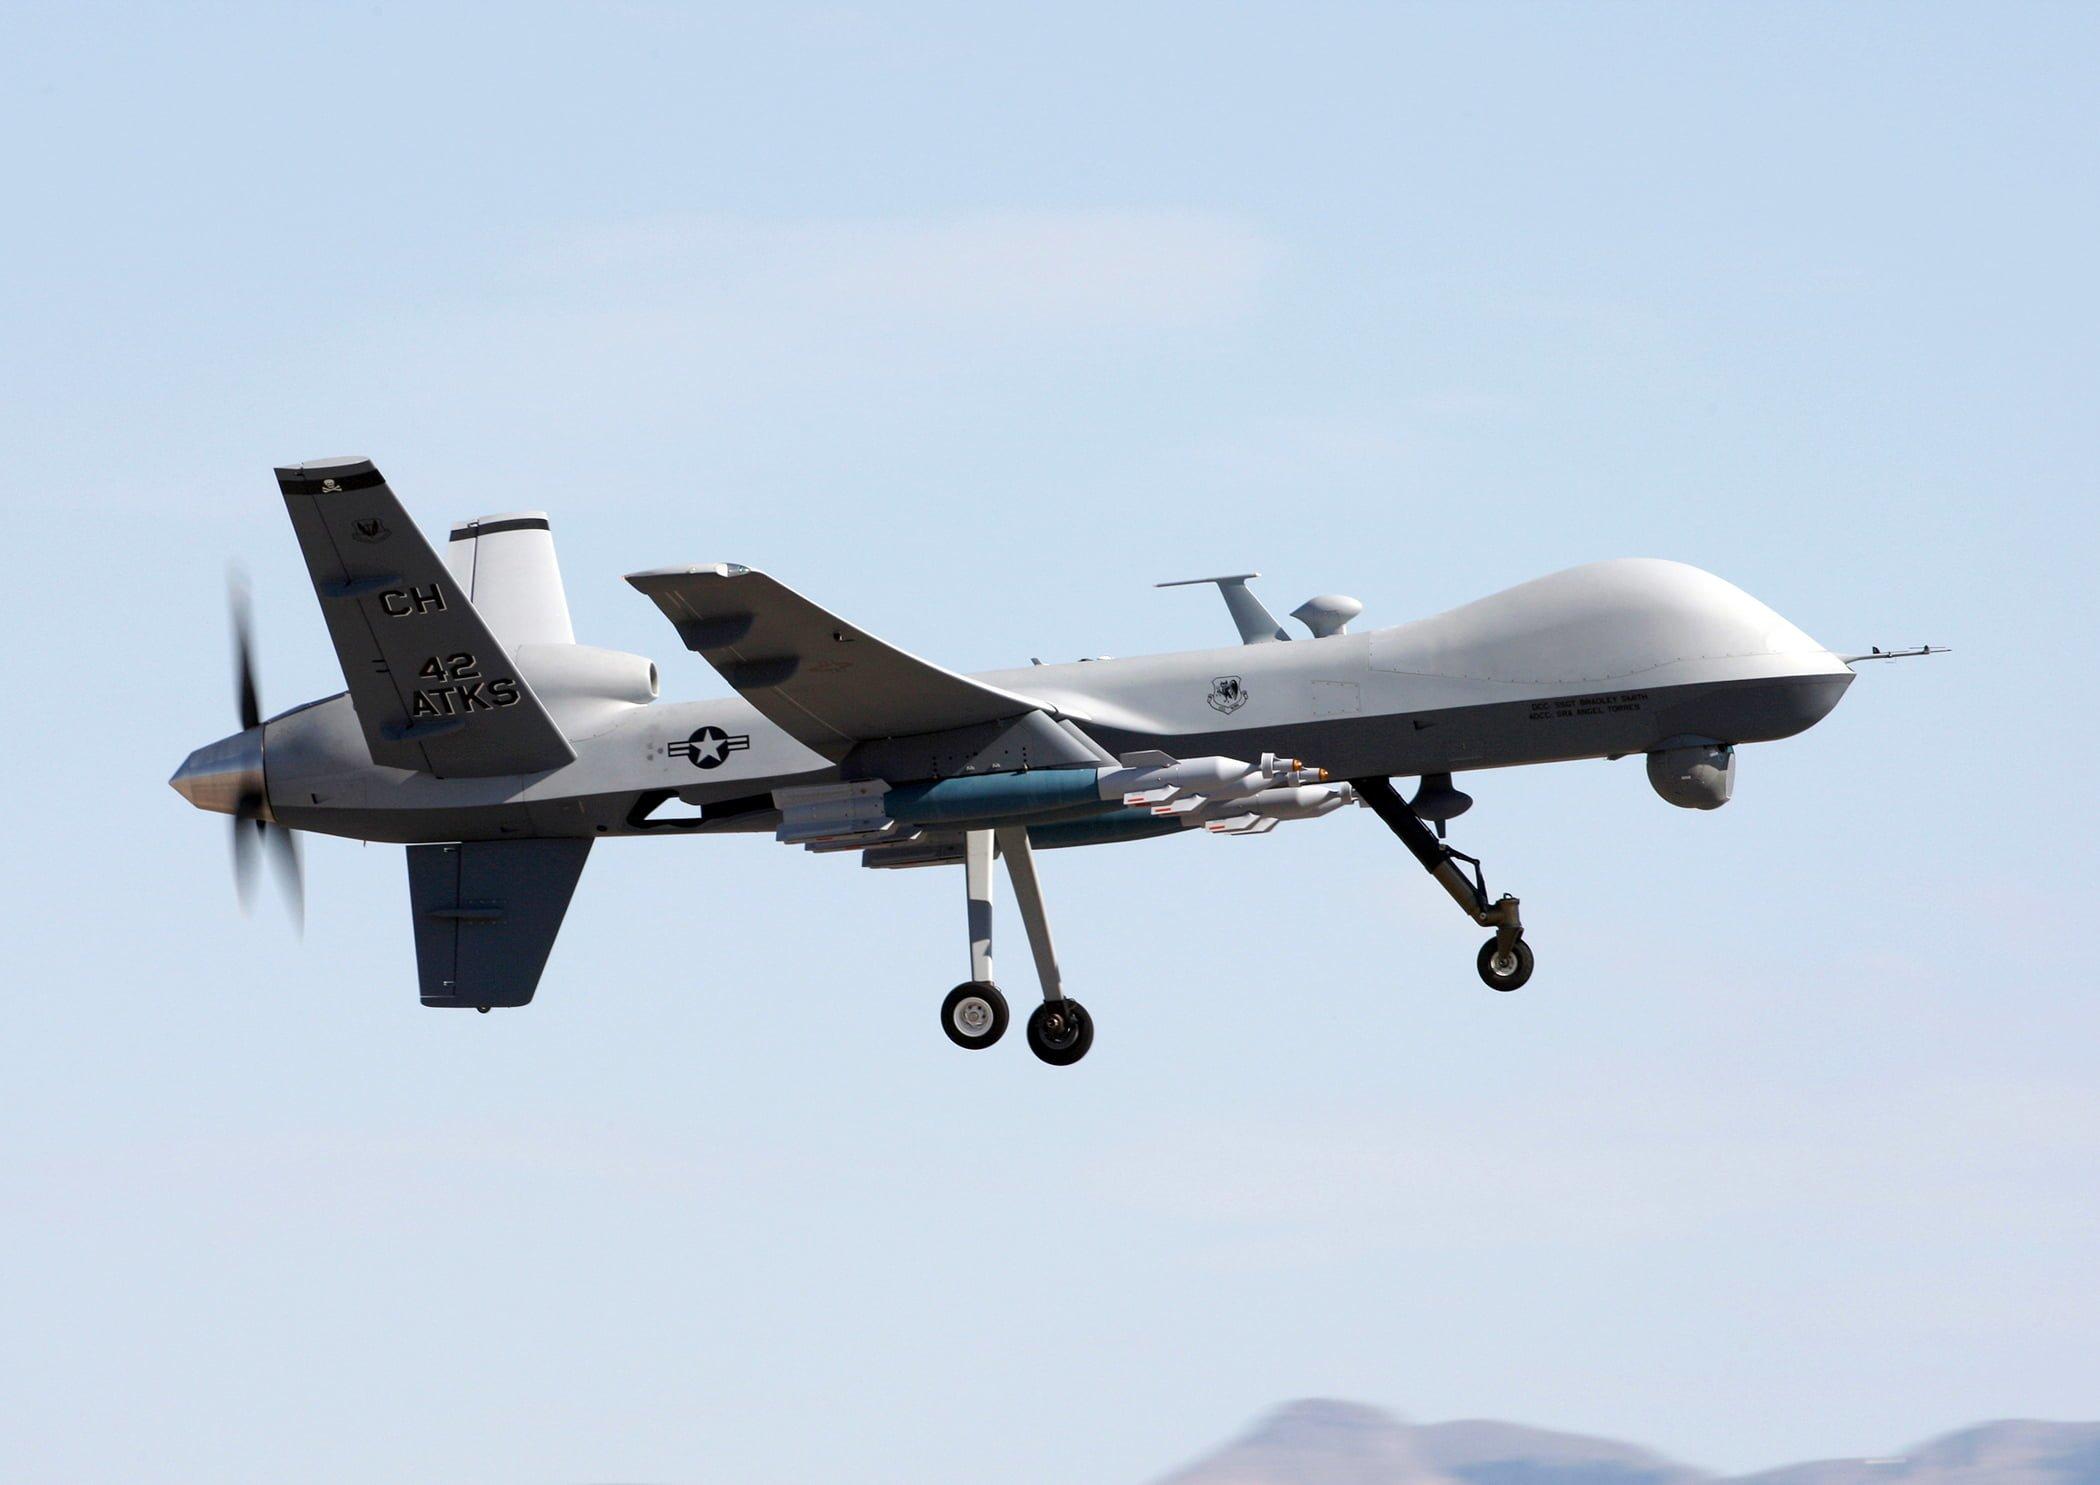 Ponad 10 osób zwolniło się z Google, bo nie chcą pracować przy sztucznej inteligencji dronów wojskowych 16